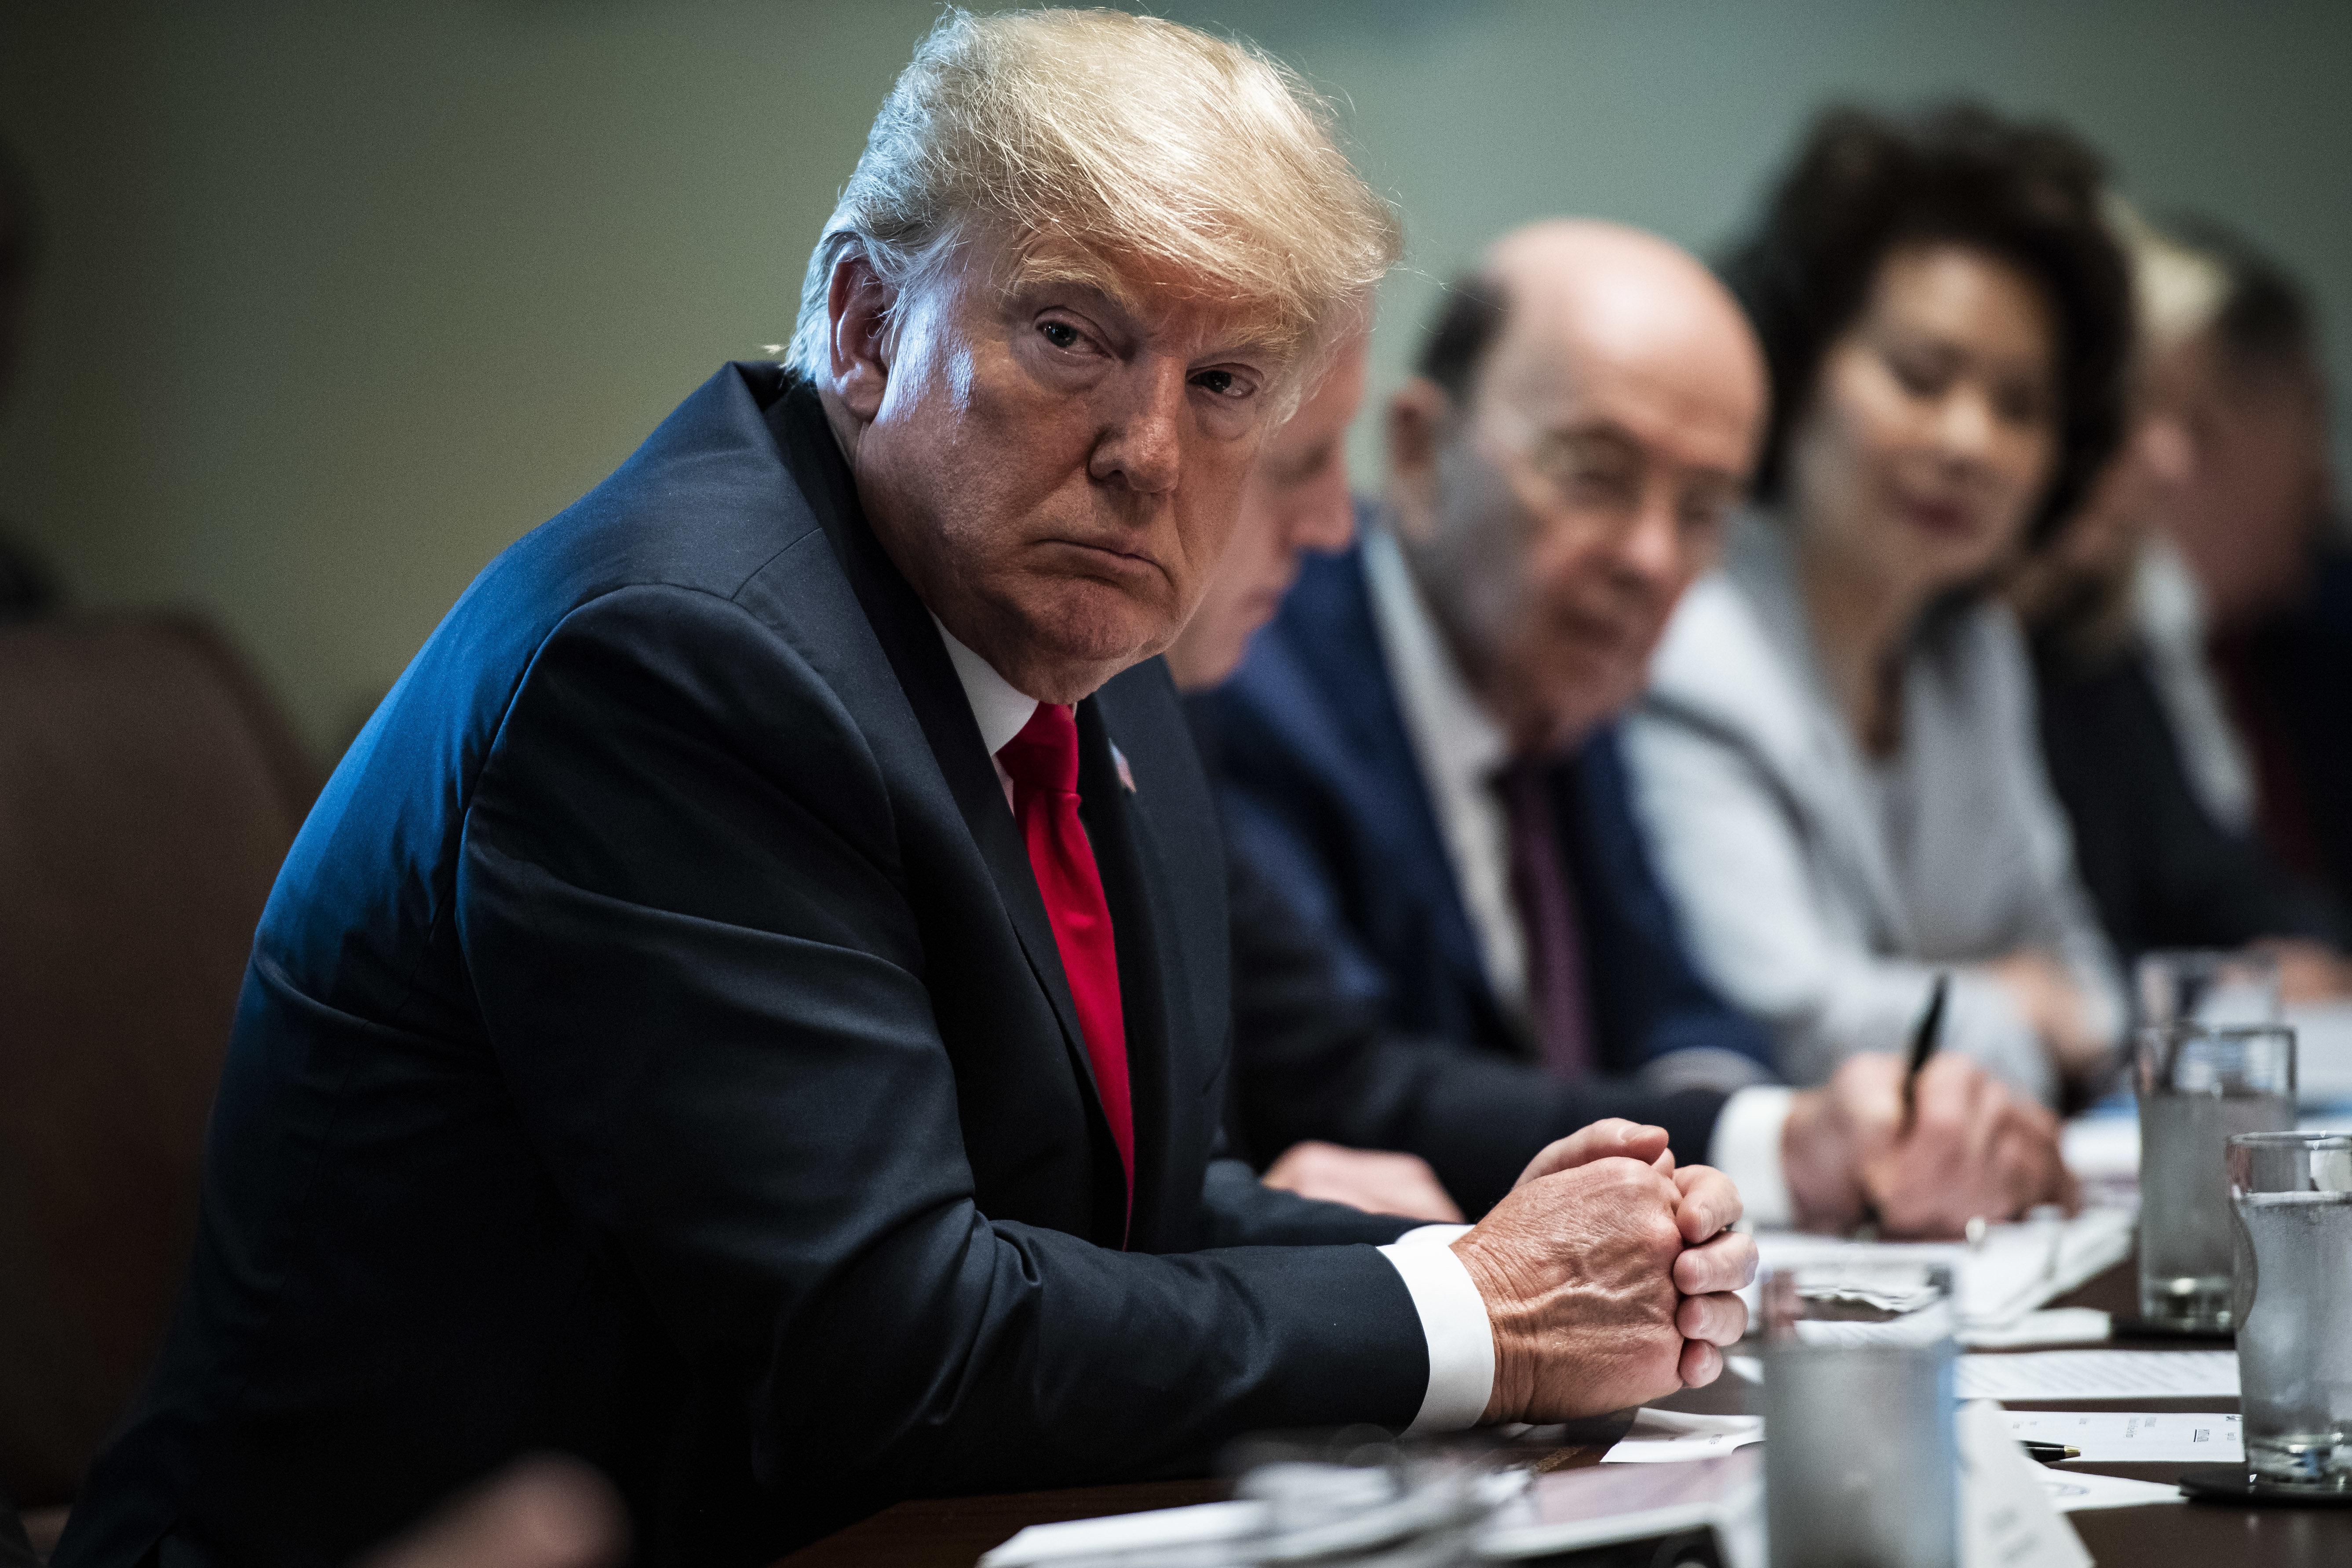 El presidente Donald Trump durante una reunión de gabinete el 16 de agosto de